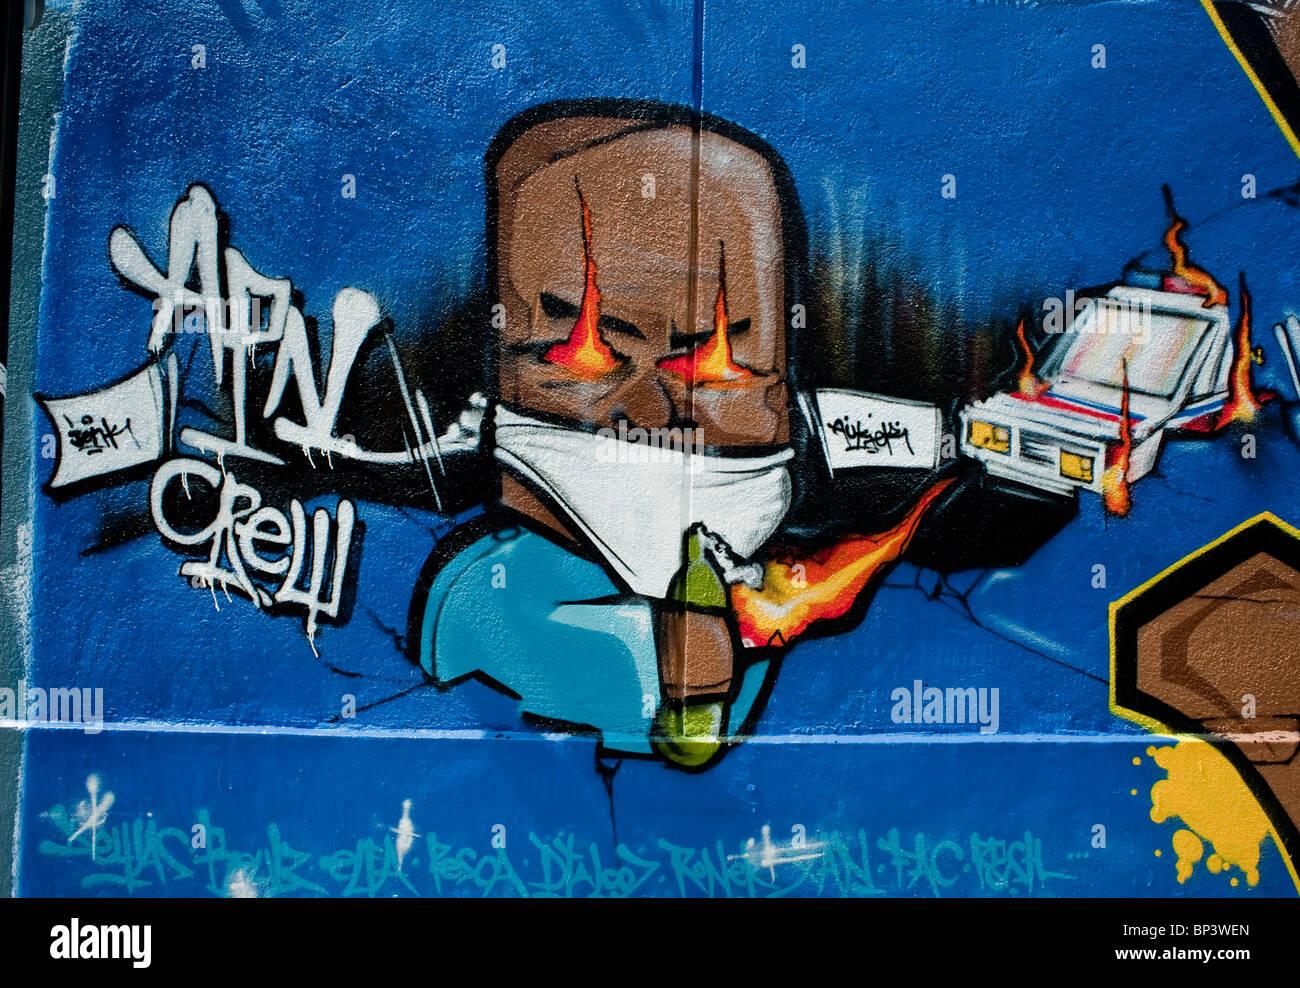 París, Francia, pintura de pared con spray de pintura, artes gráficas Graffiti 'Street Art' Imagen De Stock